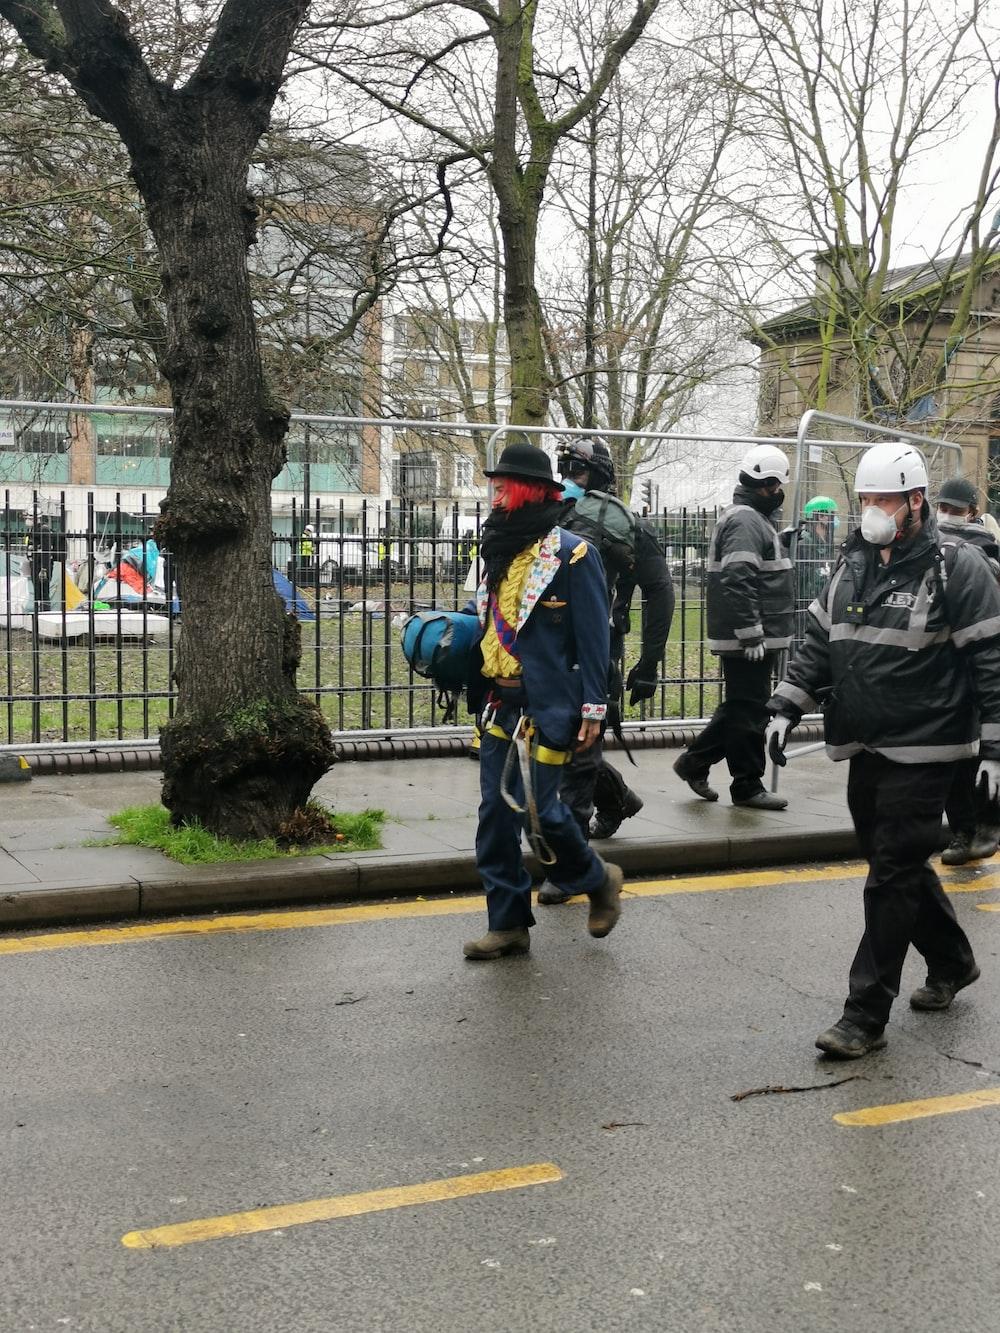 people in green jacket walking on pedestrian lane during daytime